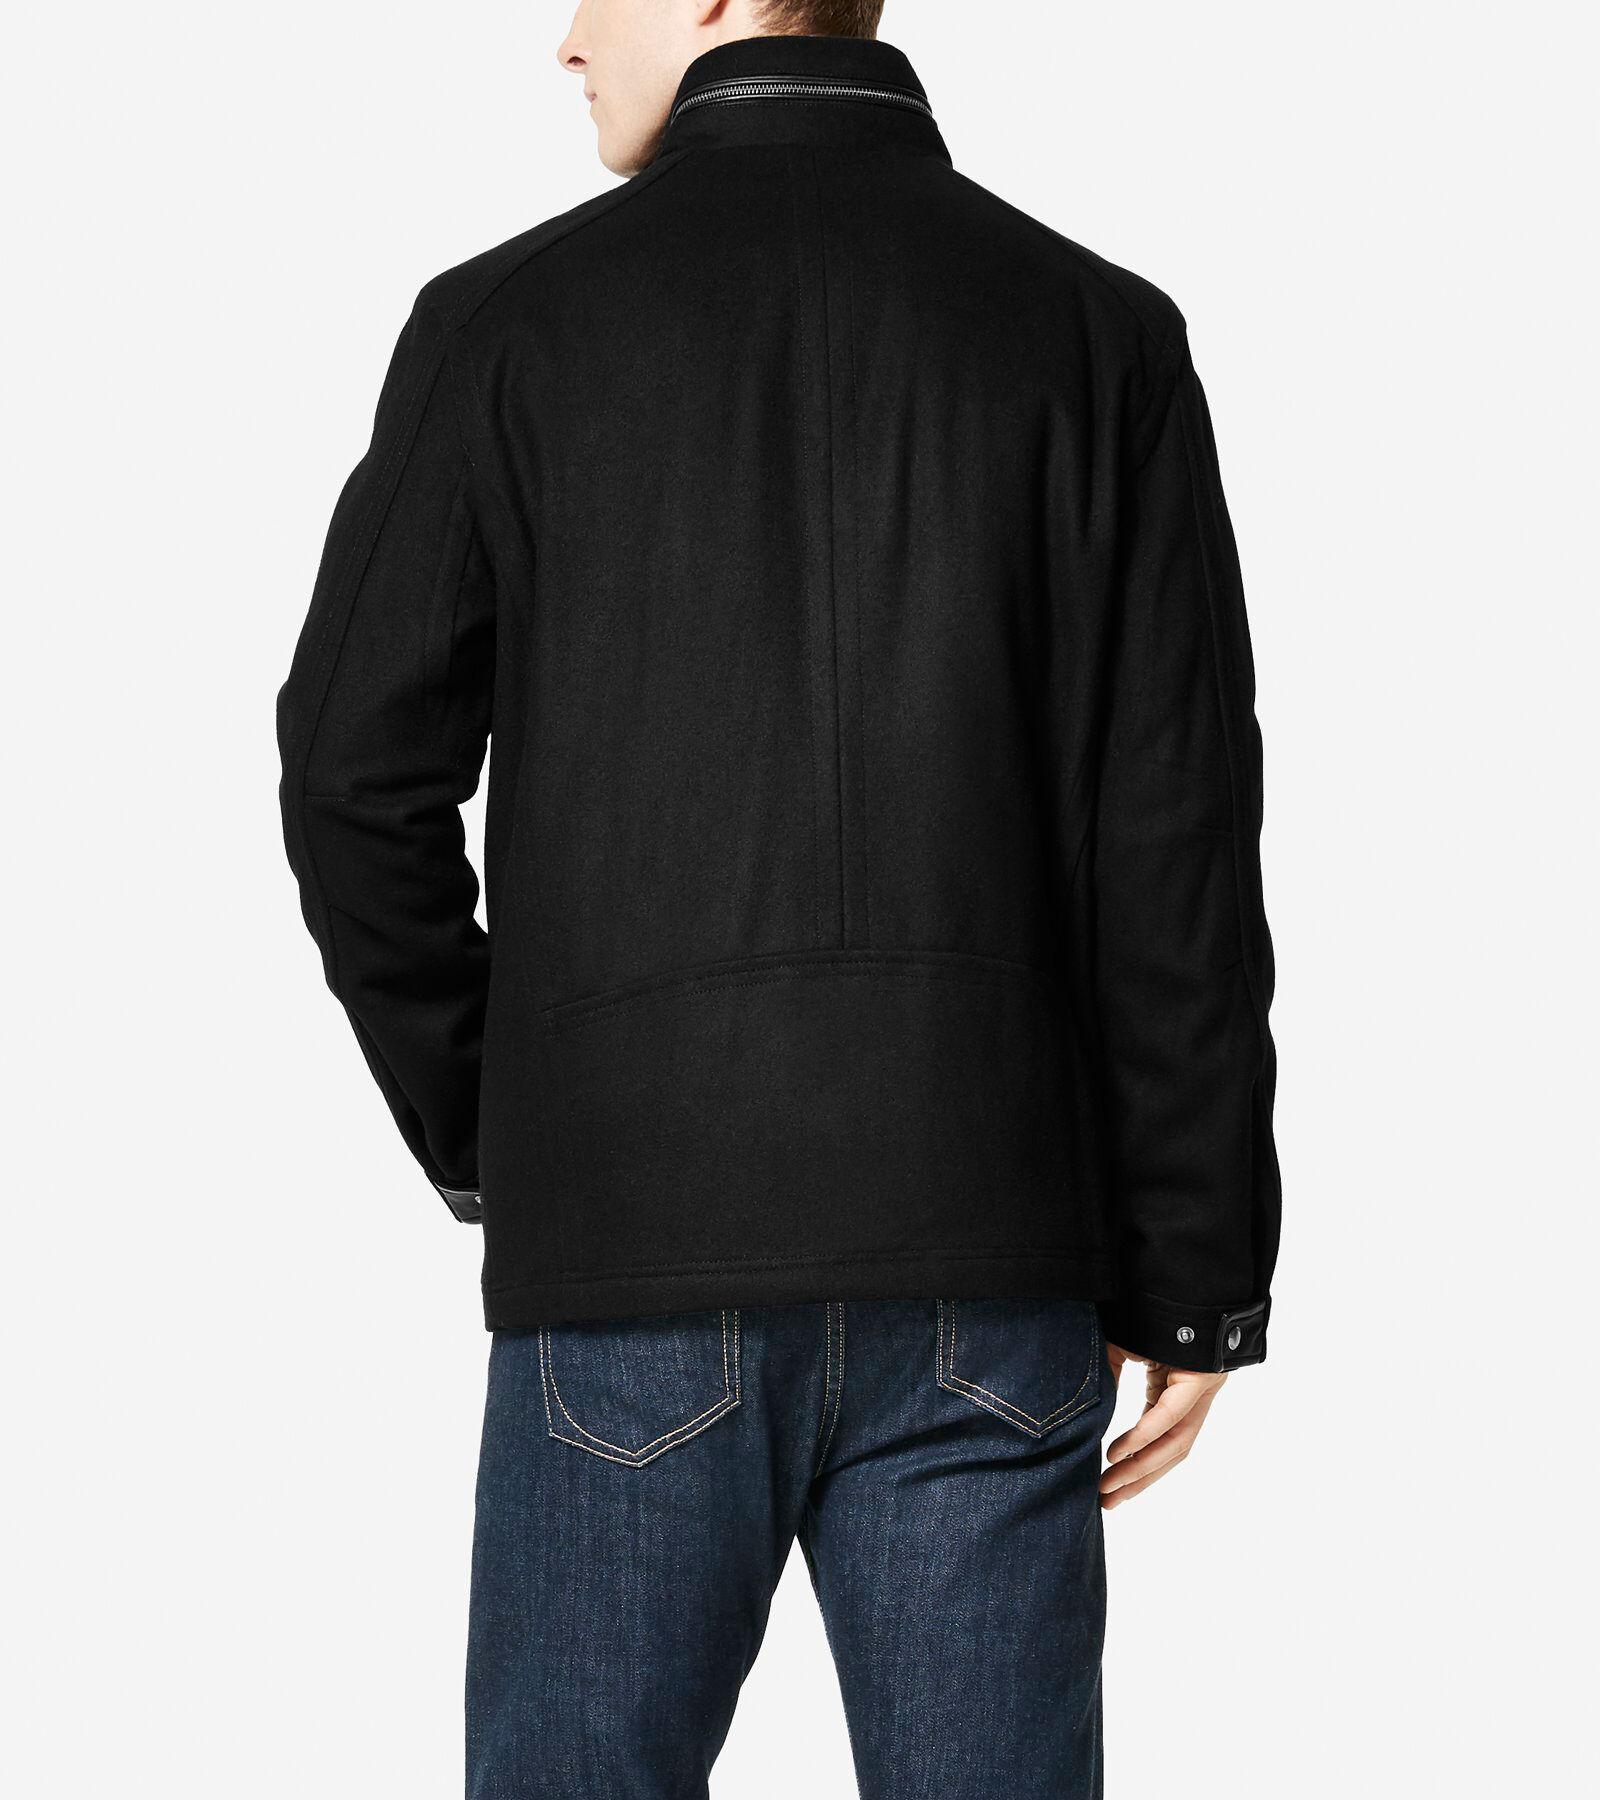 Black wool trucker jacket